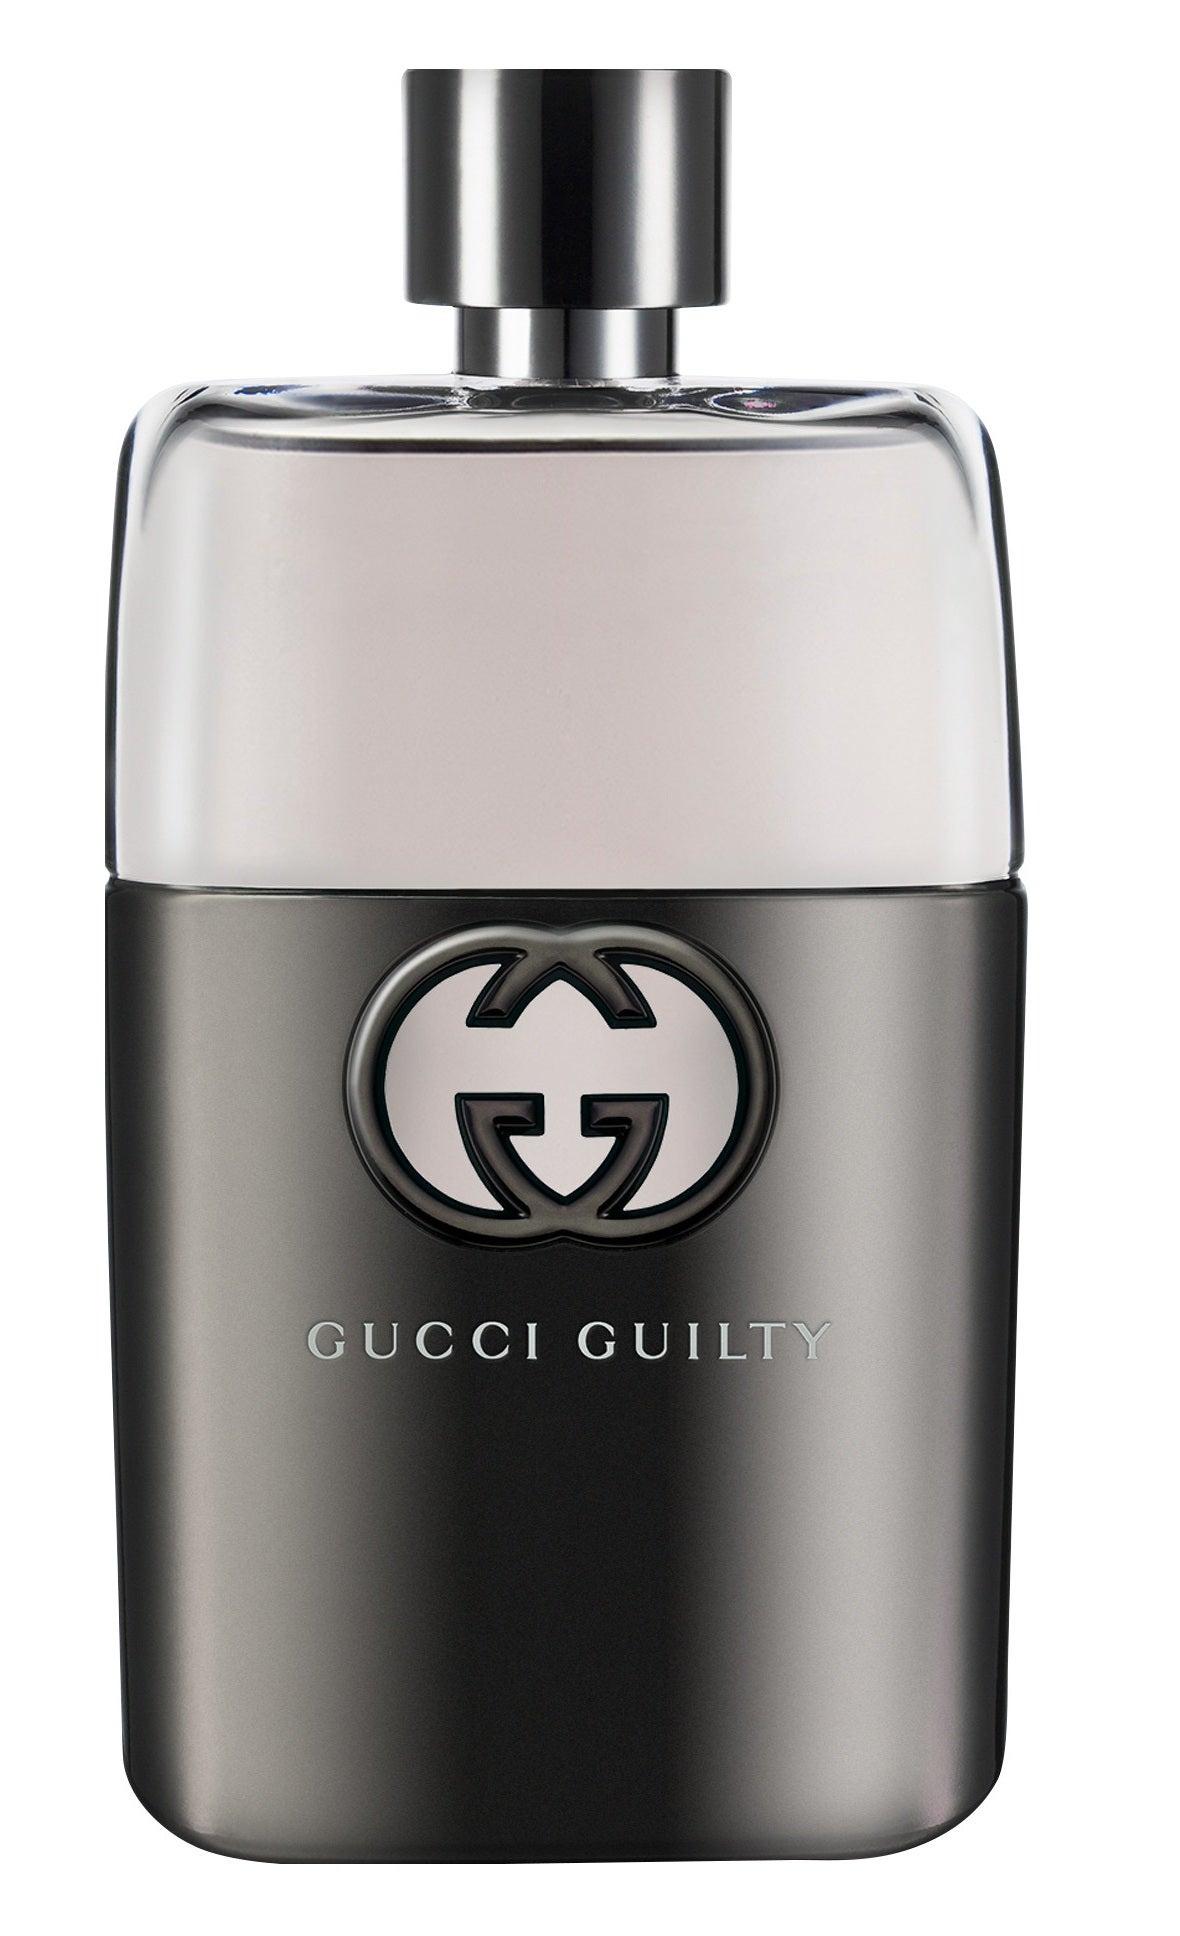 Gucci Guilty Men's Cologne